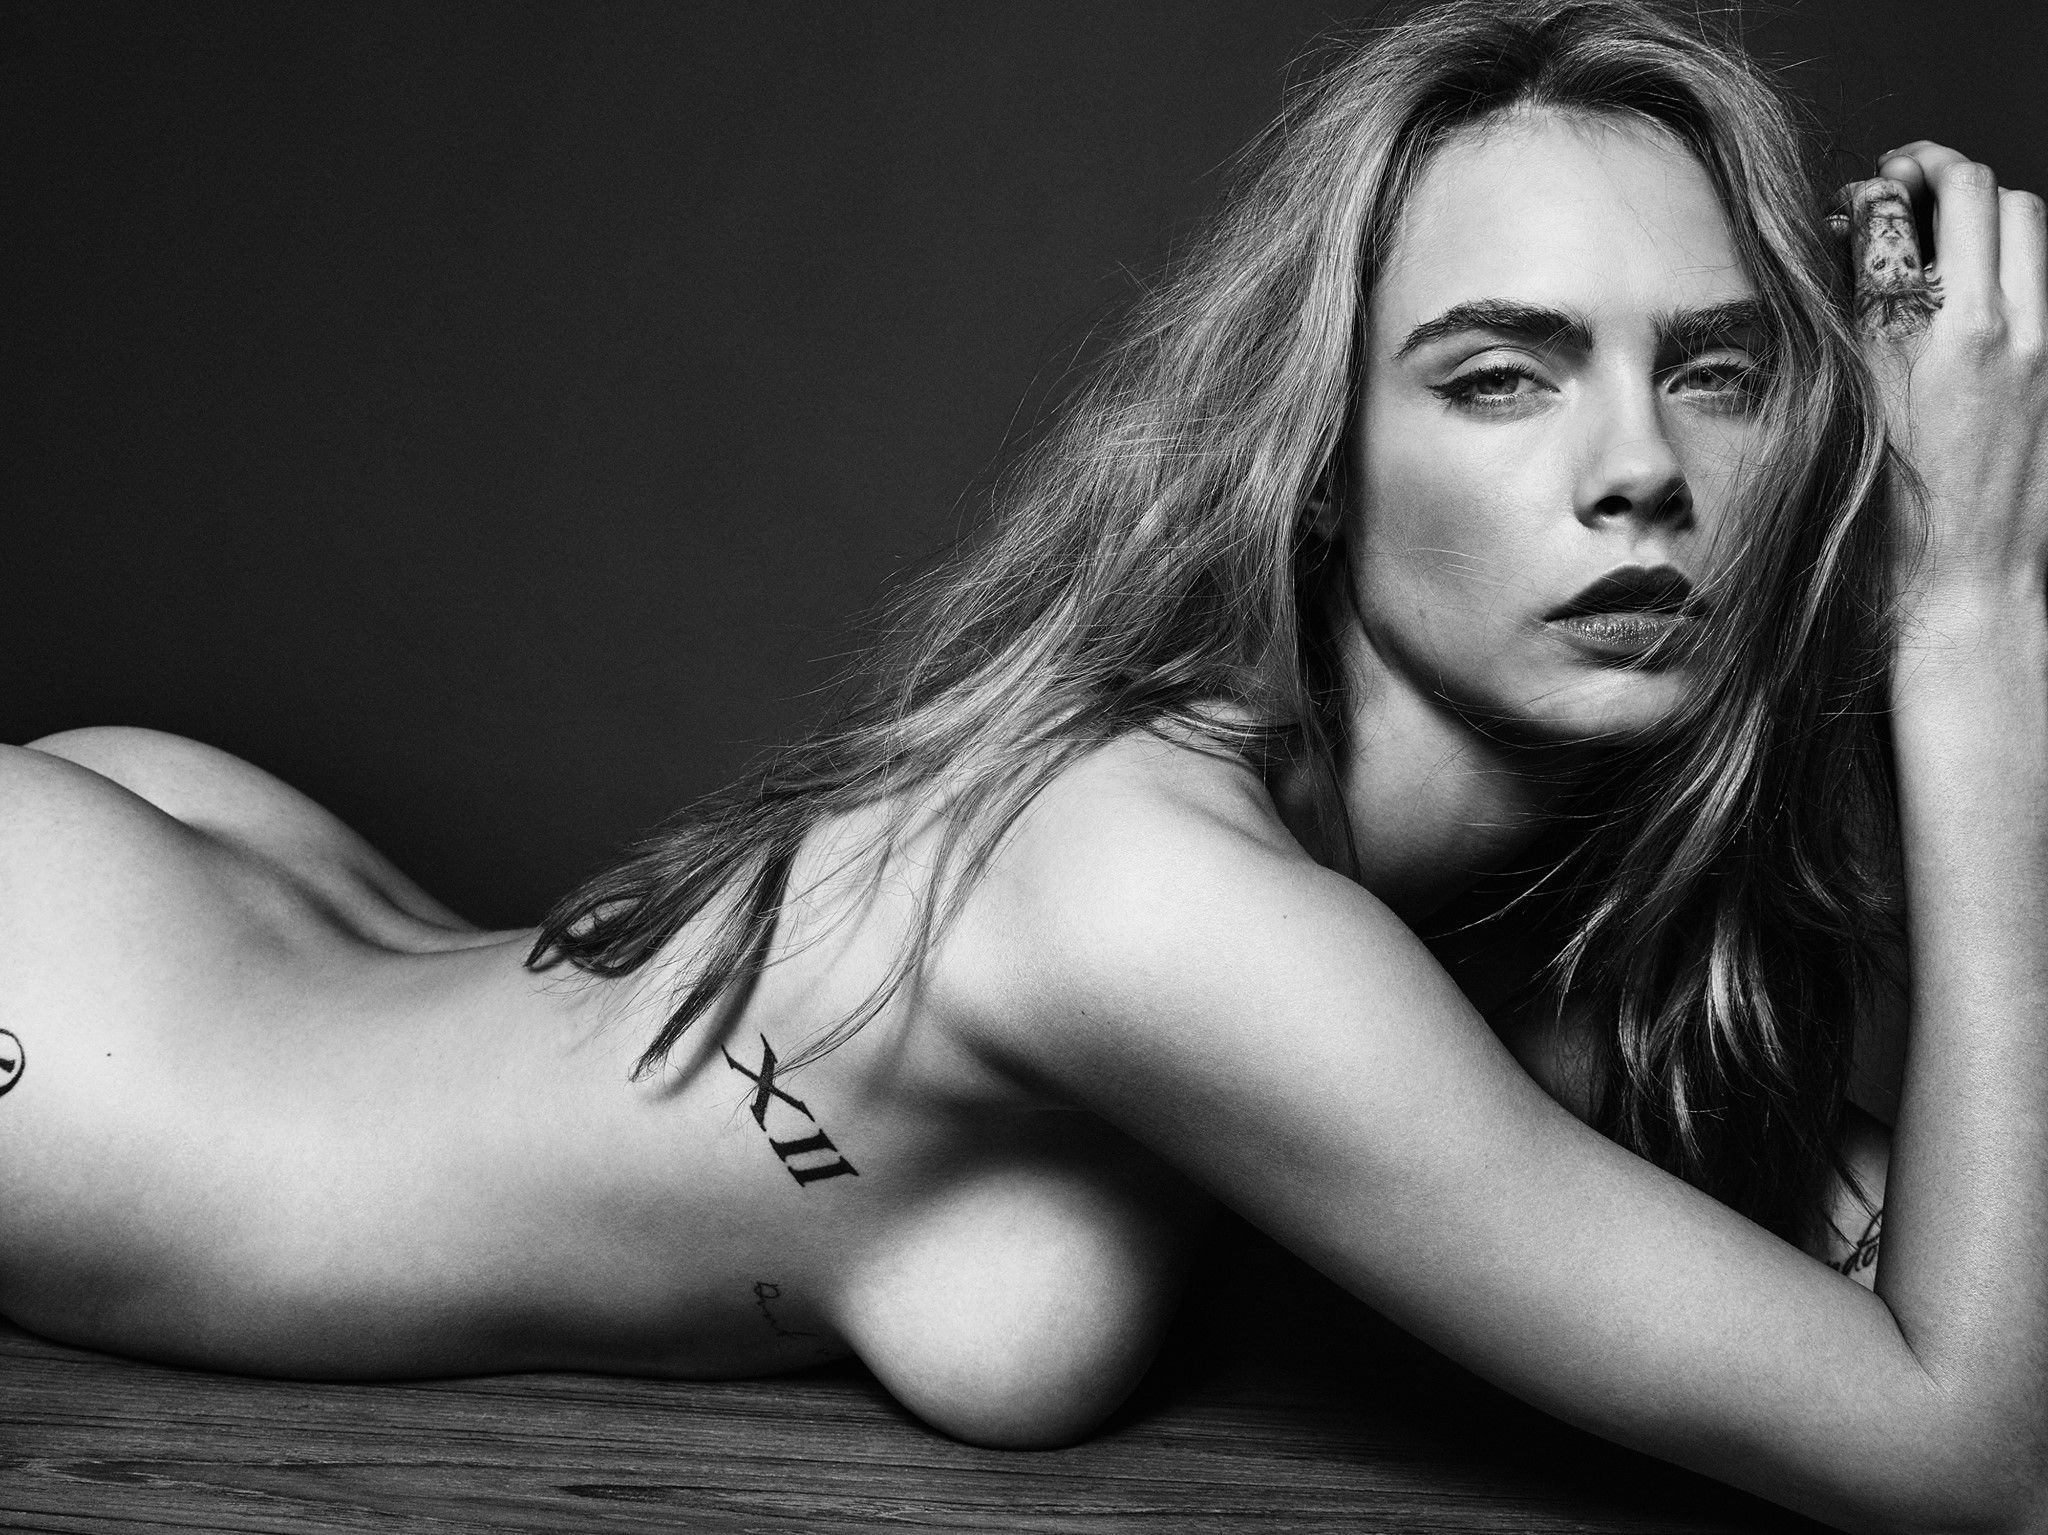 Cara-Delevingne-Nude-Sexy-thefappening.so-0006